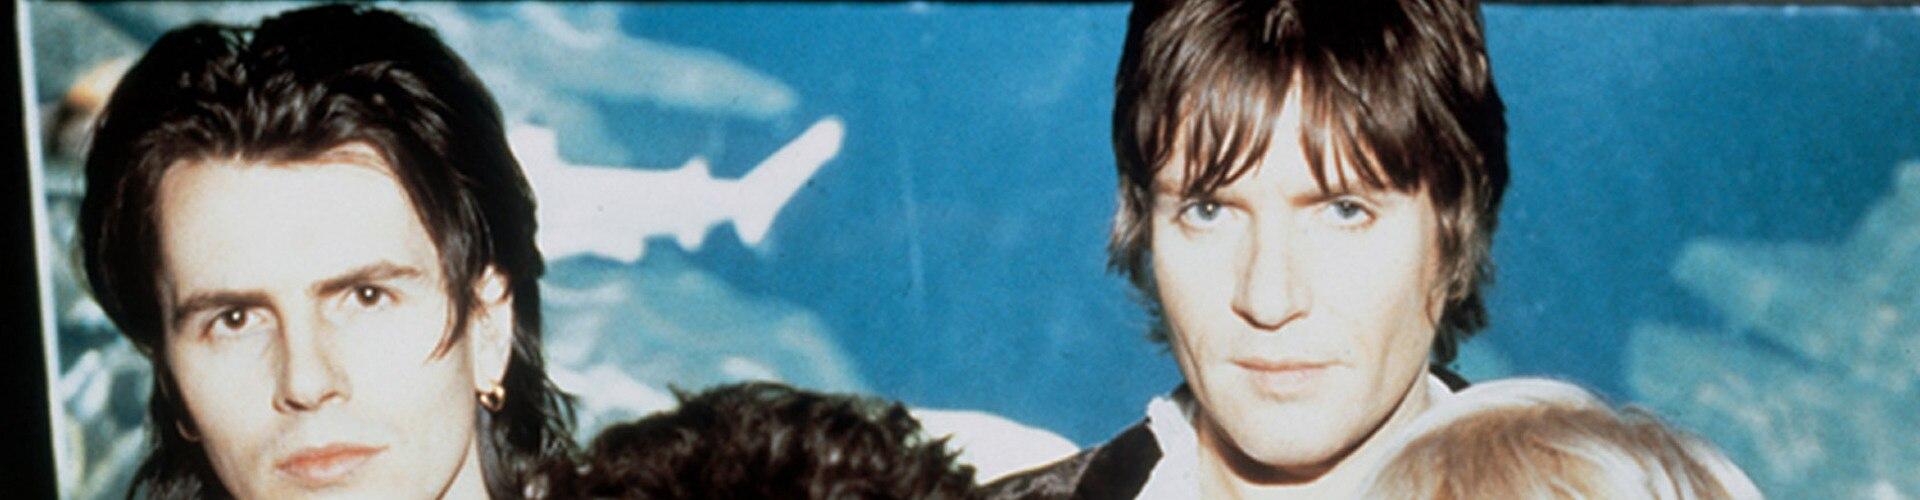 Watch Duran Duran: Working For The... Online